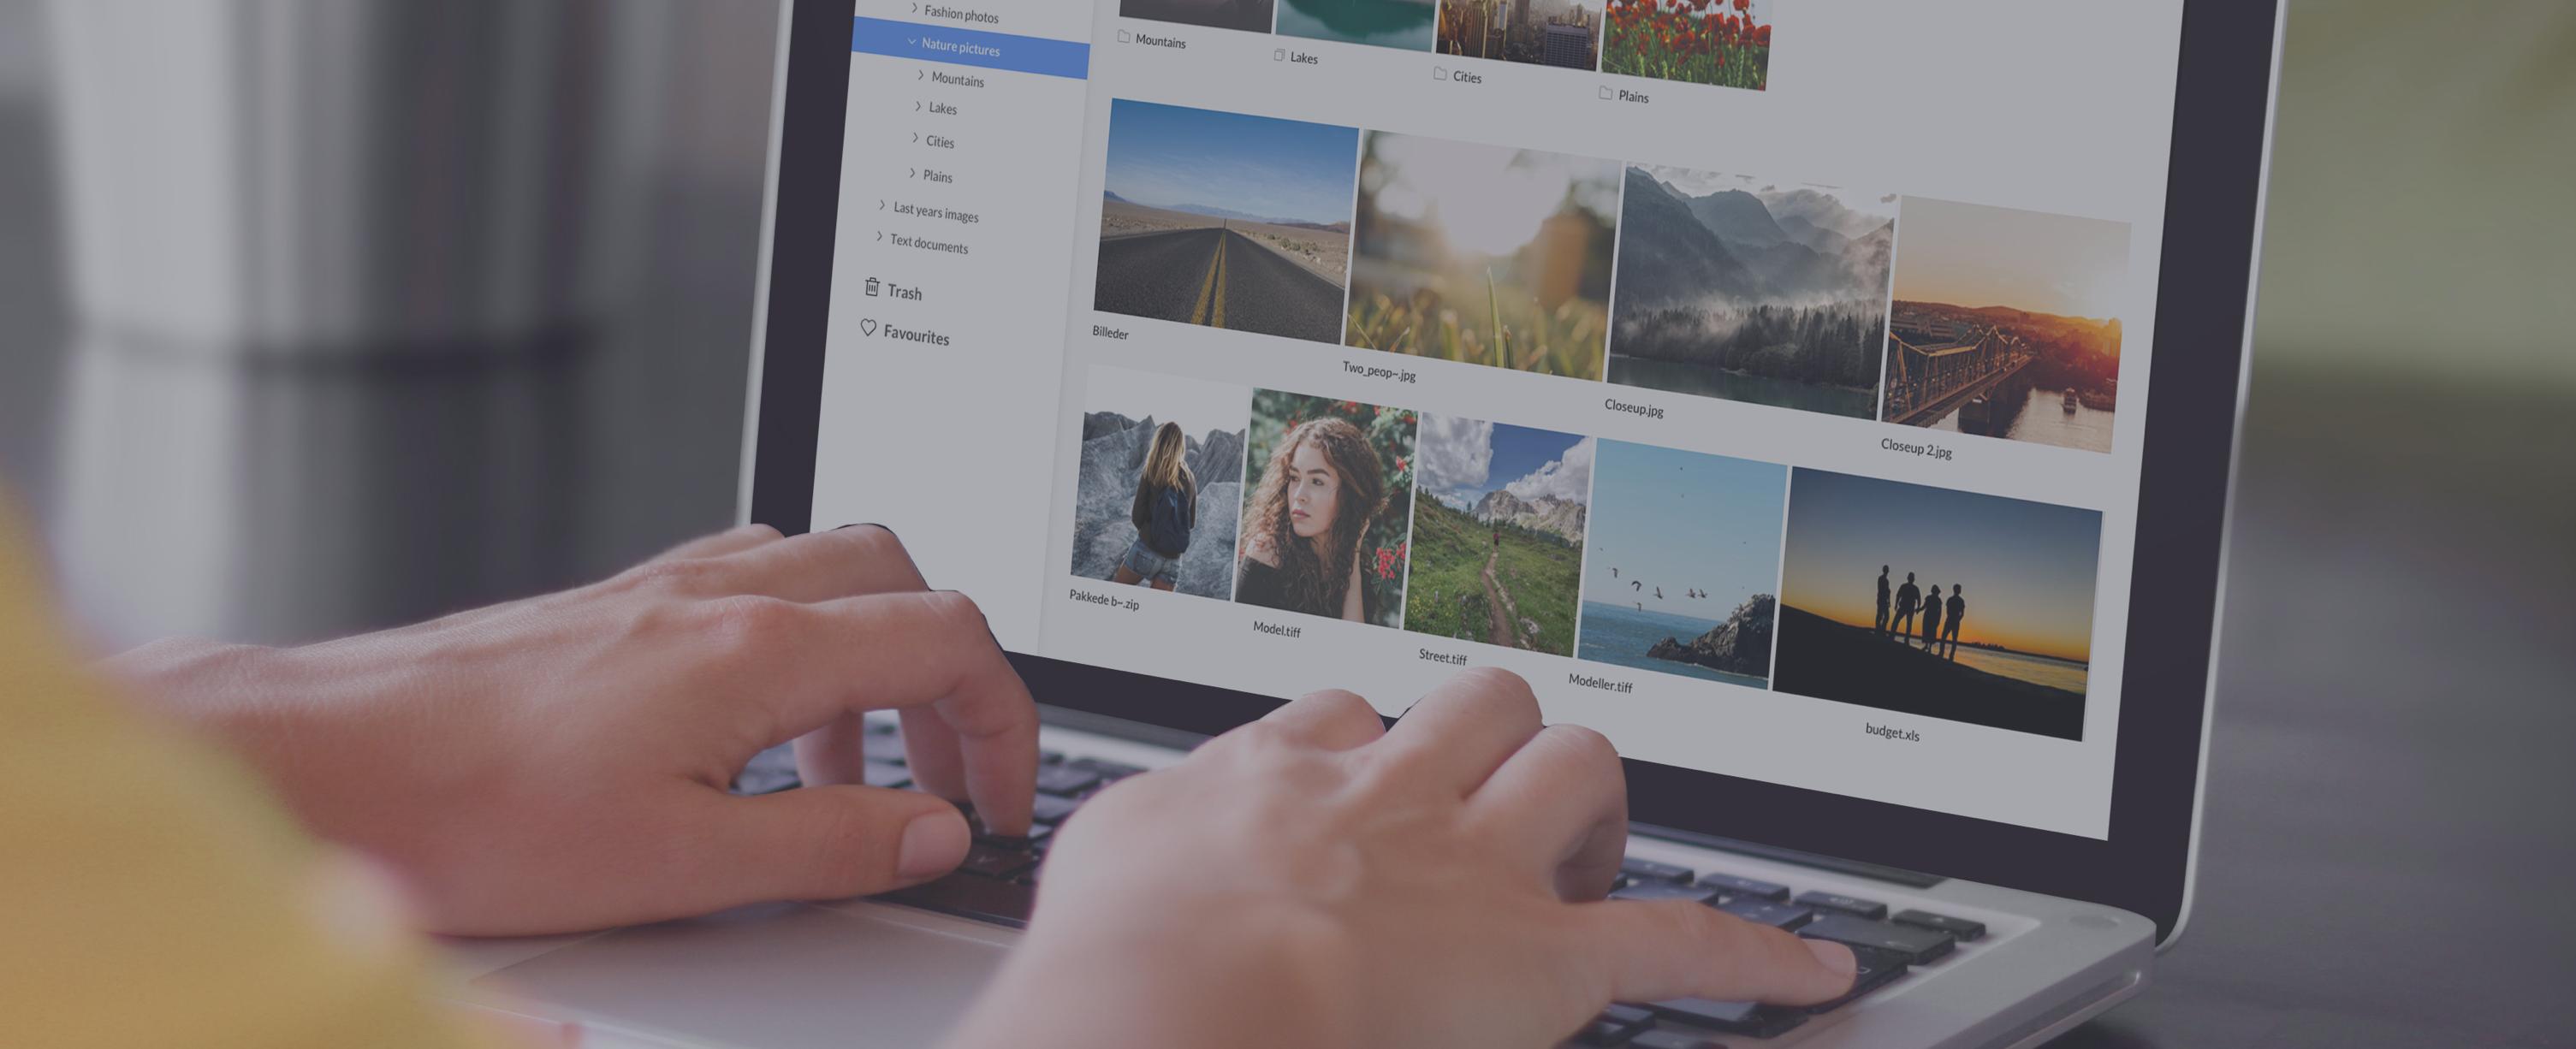 Kontainer - Kontainer kan bruges til at organisere virksomheders billeder og filer online